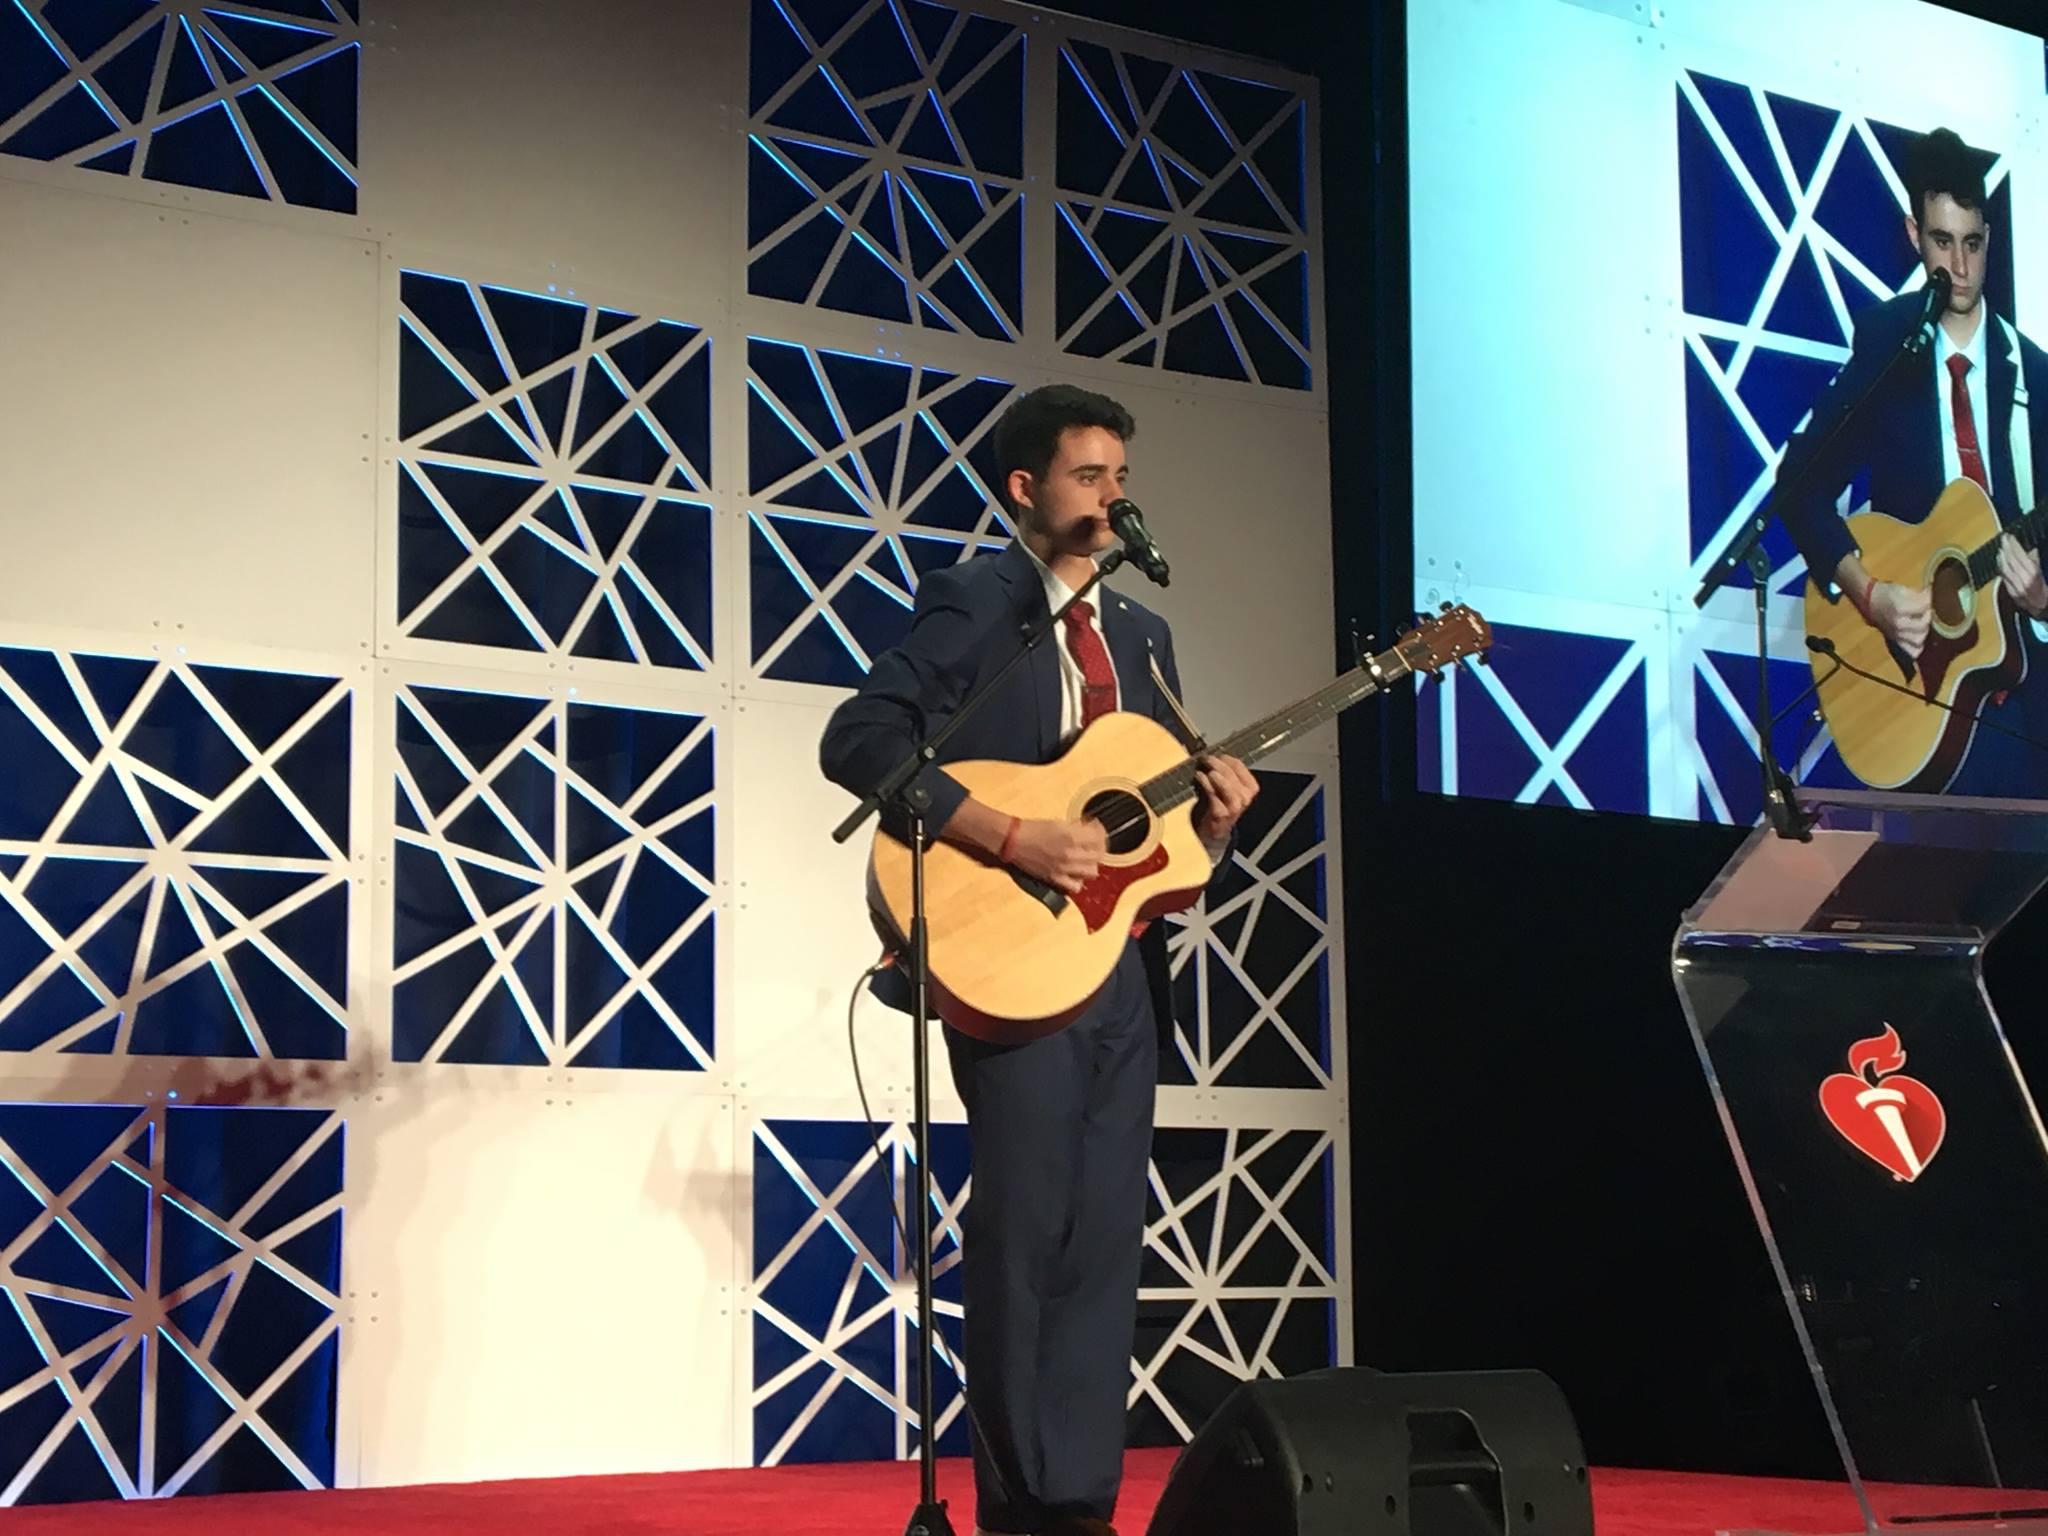 Jason Singing Photo